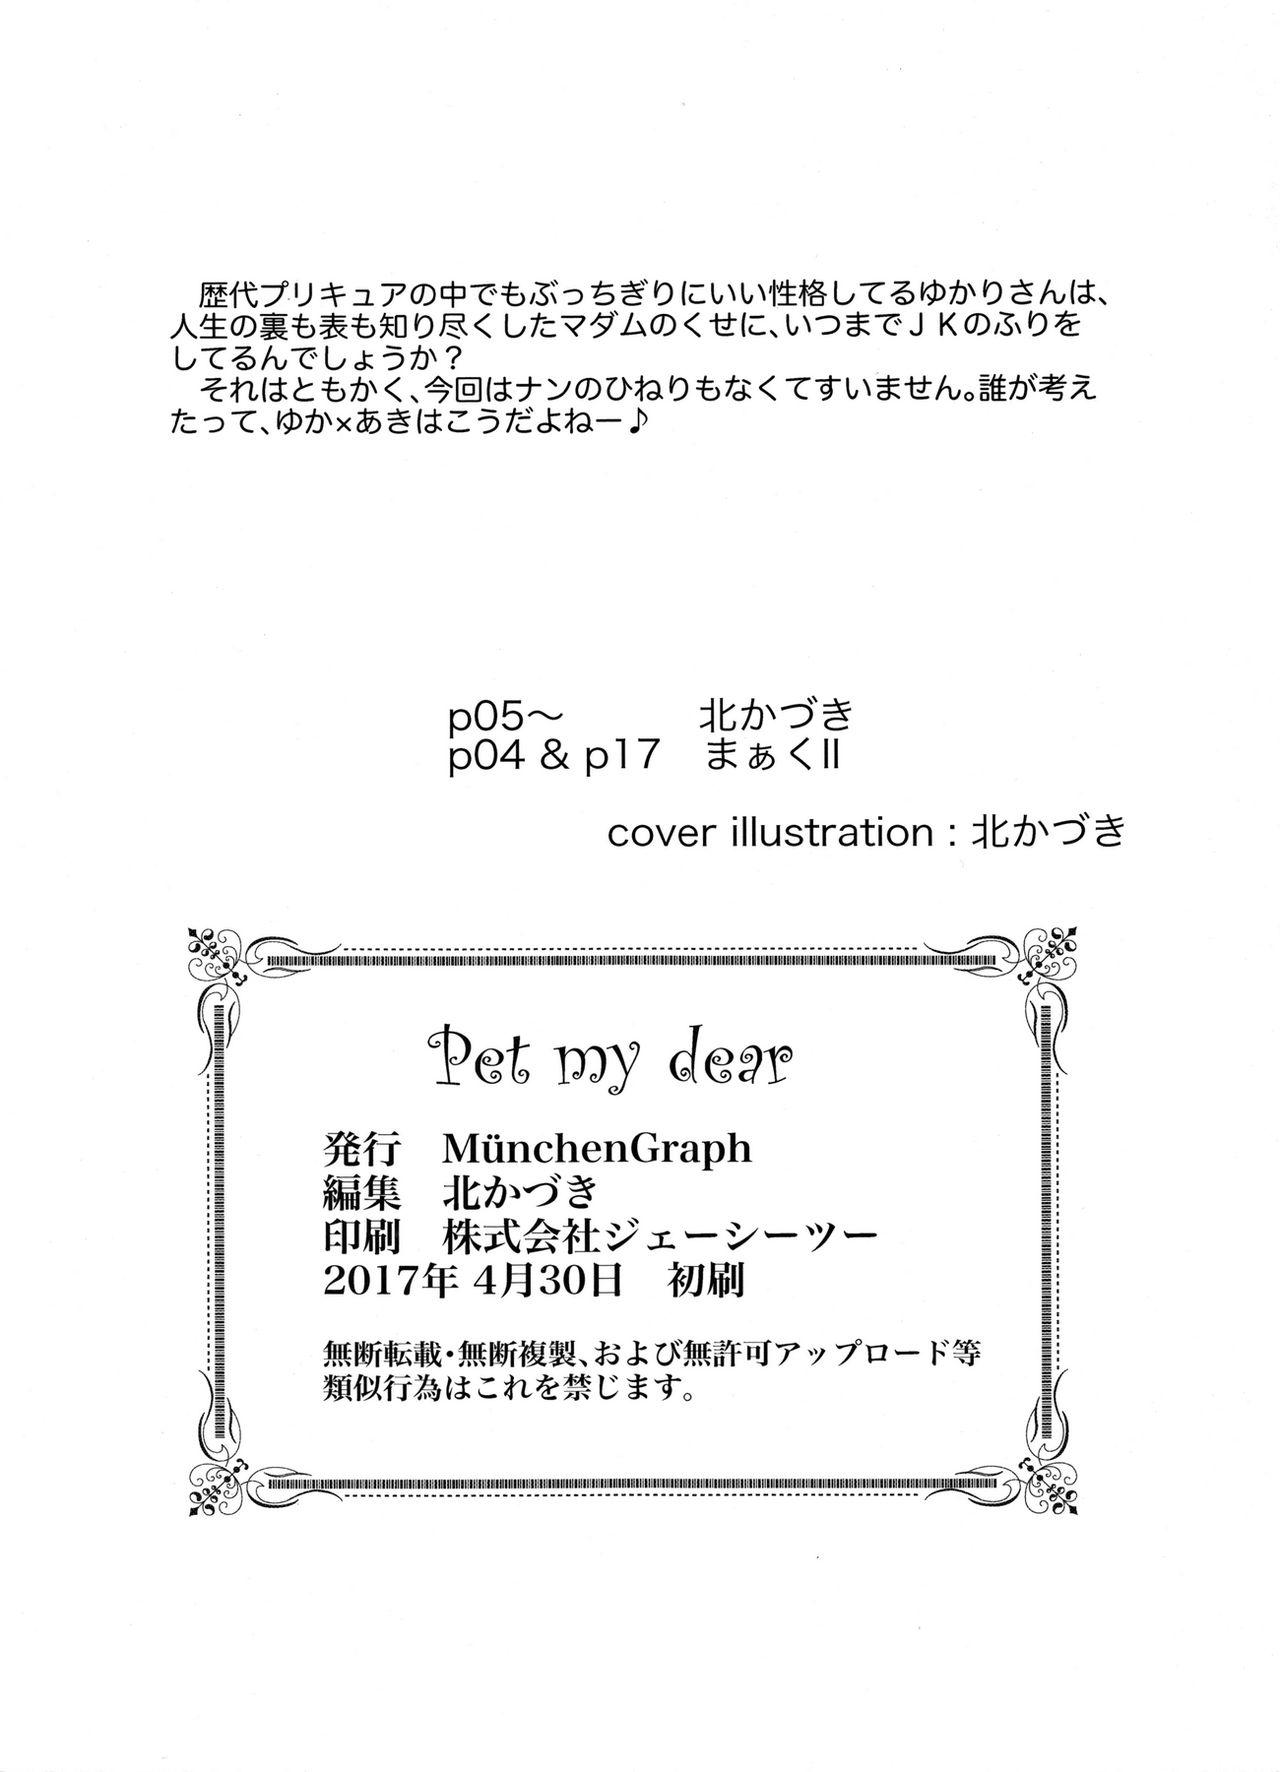 Pet my dear 16